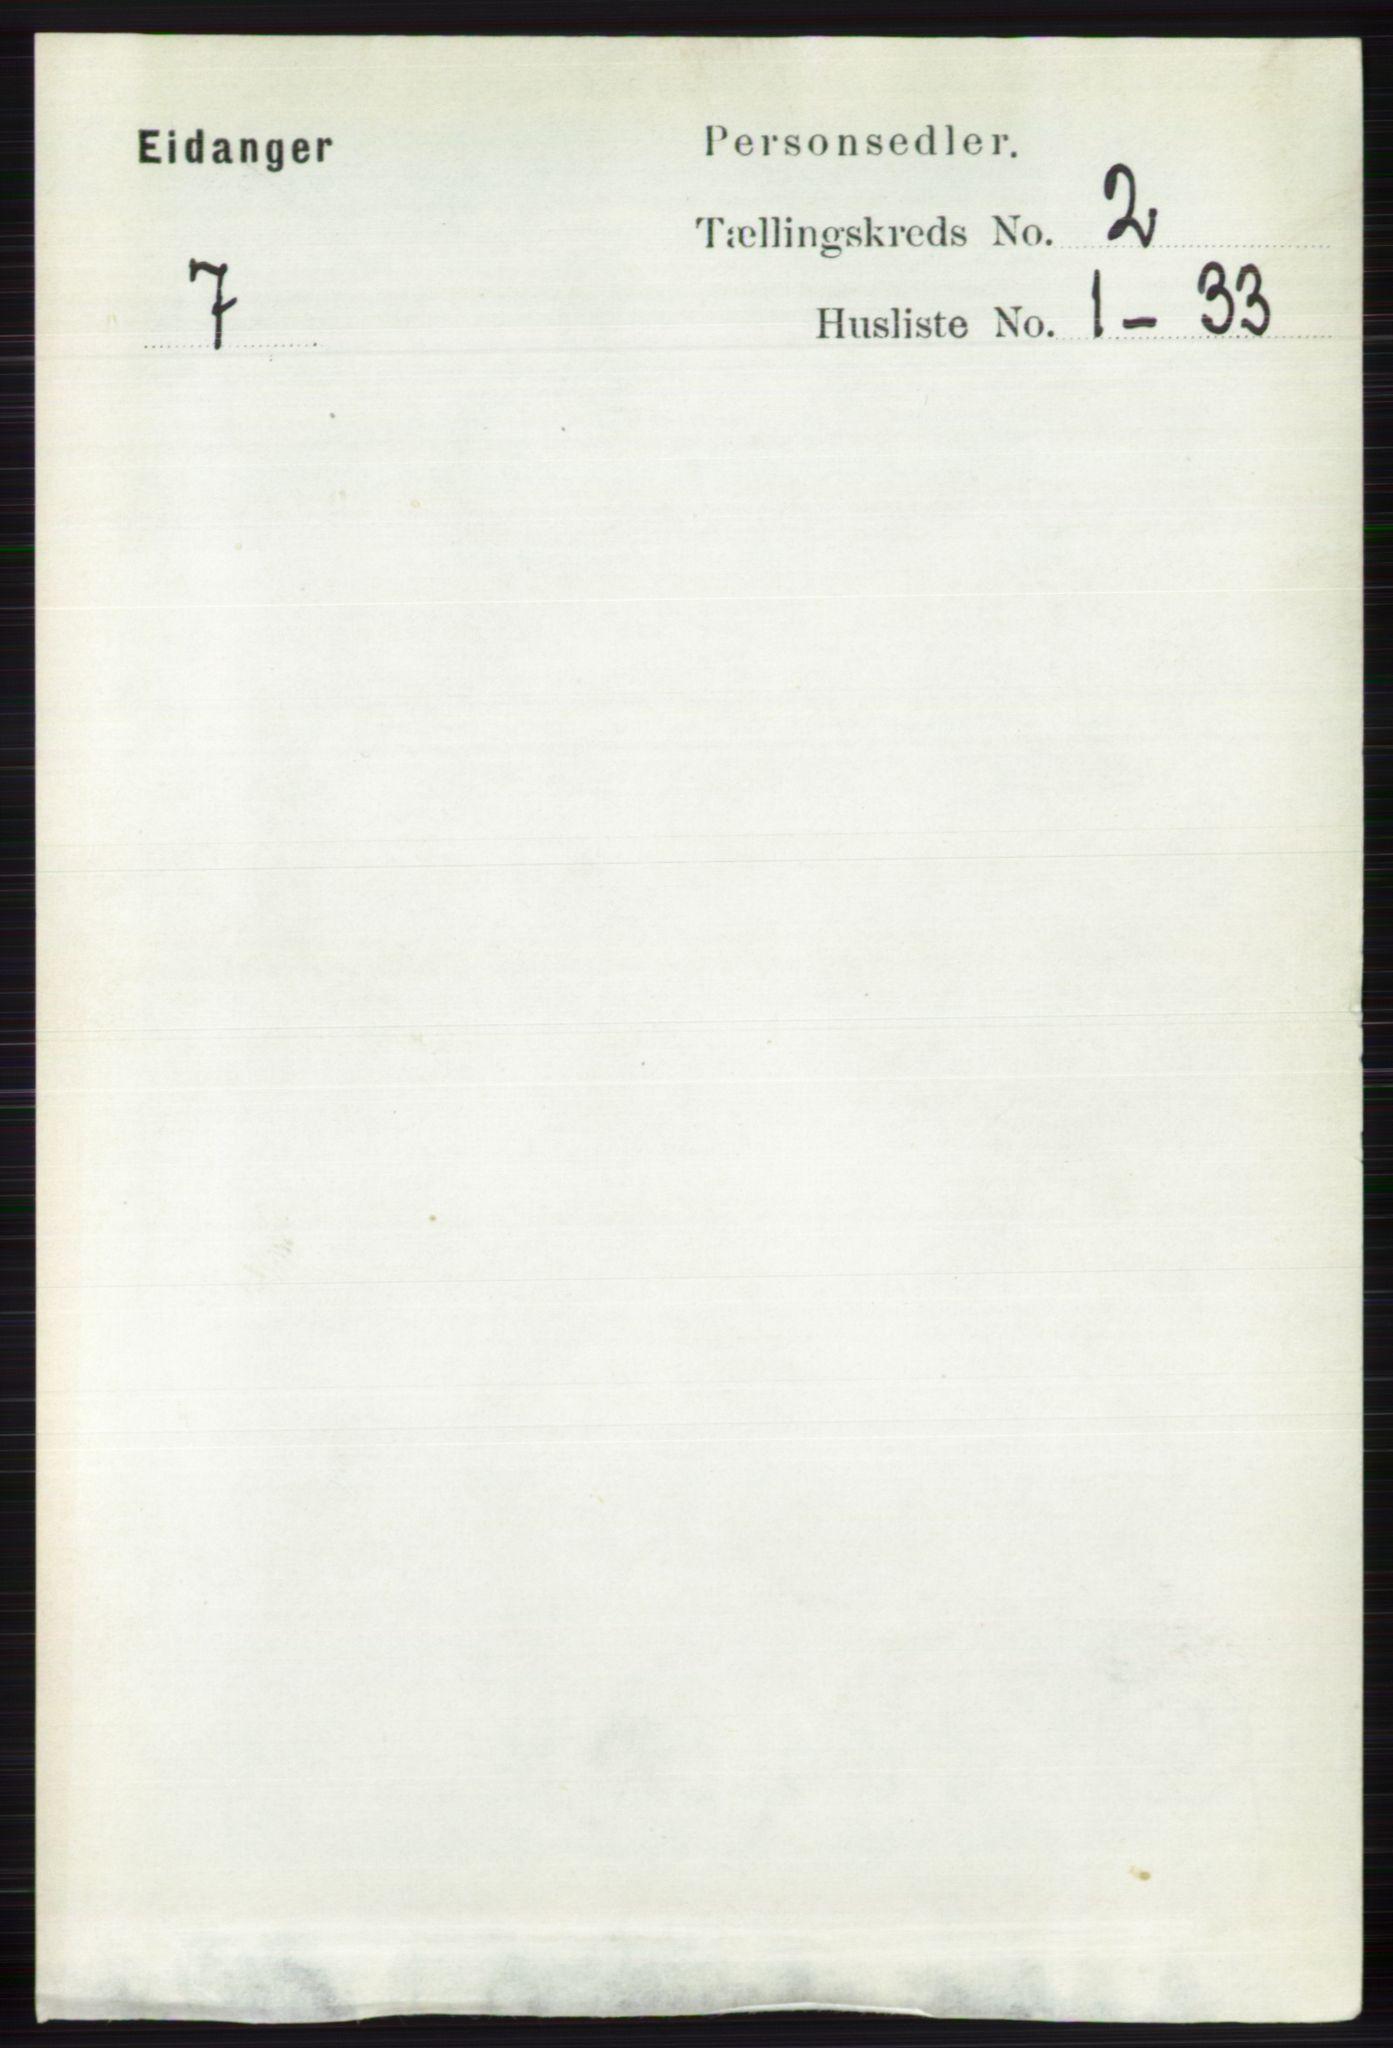 RA, Folketelling 1891 for 0813 Eidanger herred, 1891, s. 869